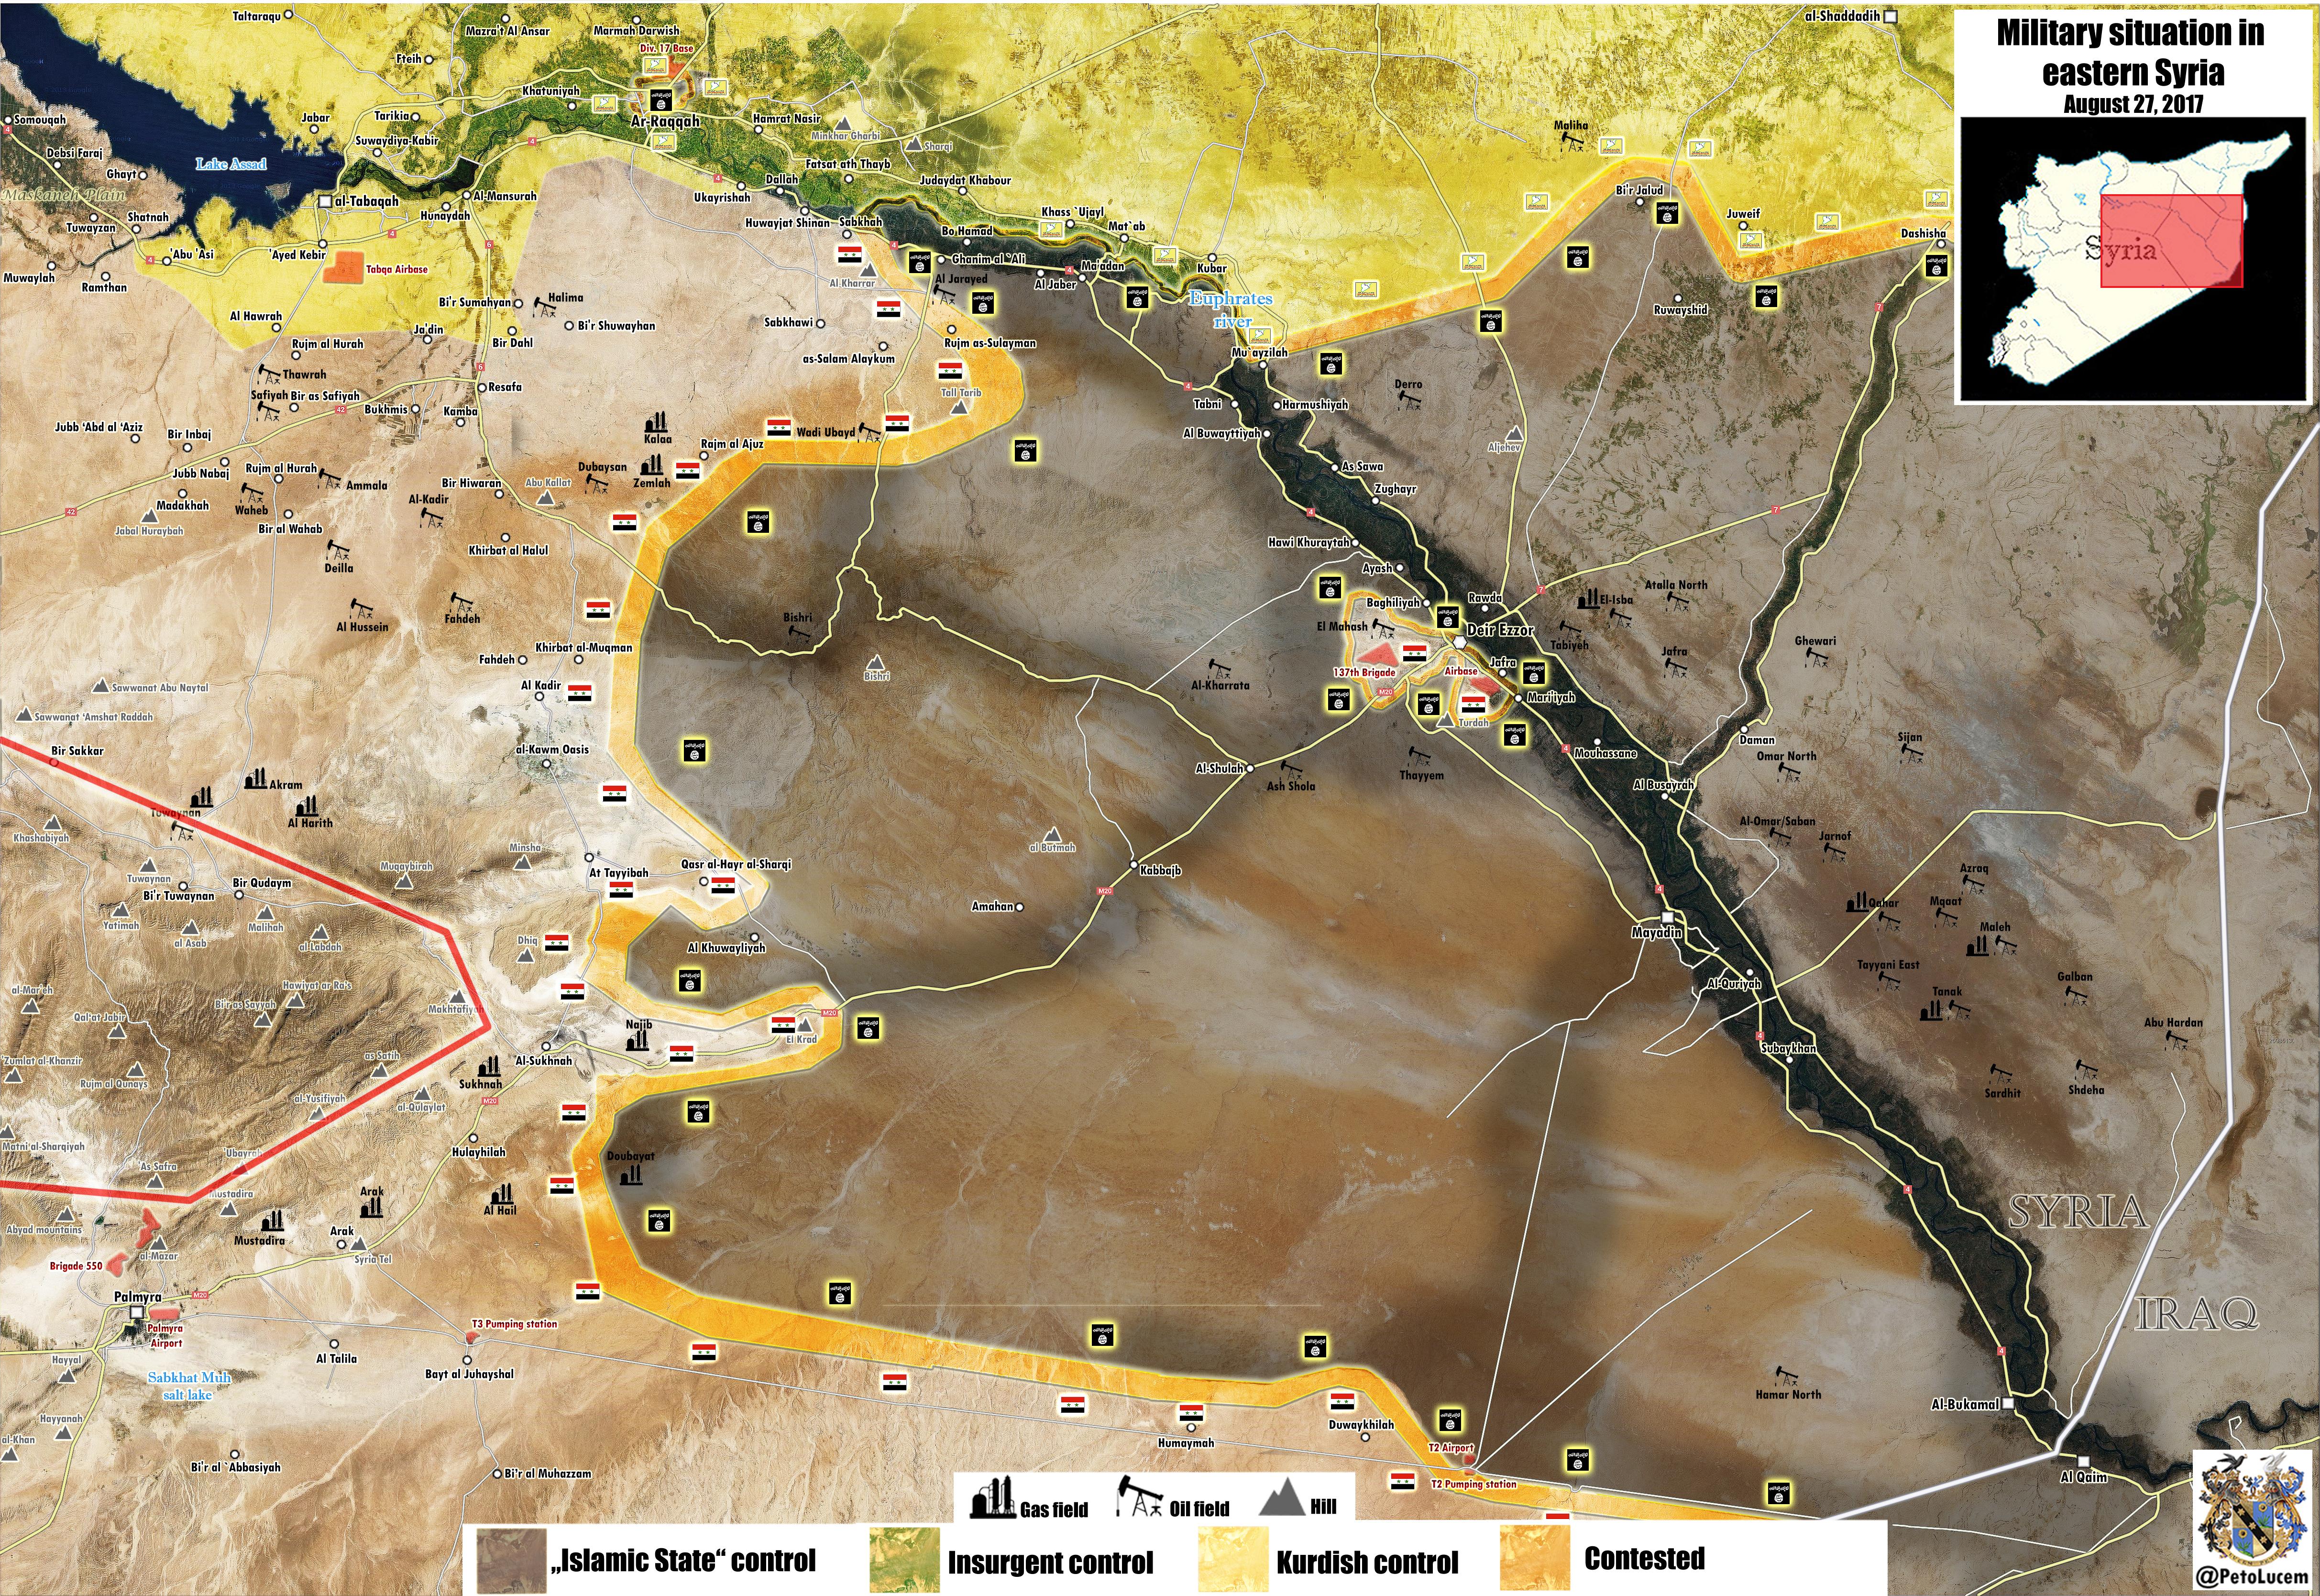 E-SYRIA_27.08.17